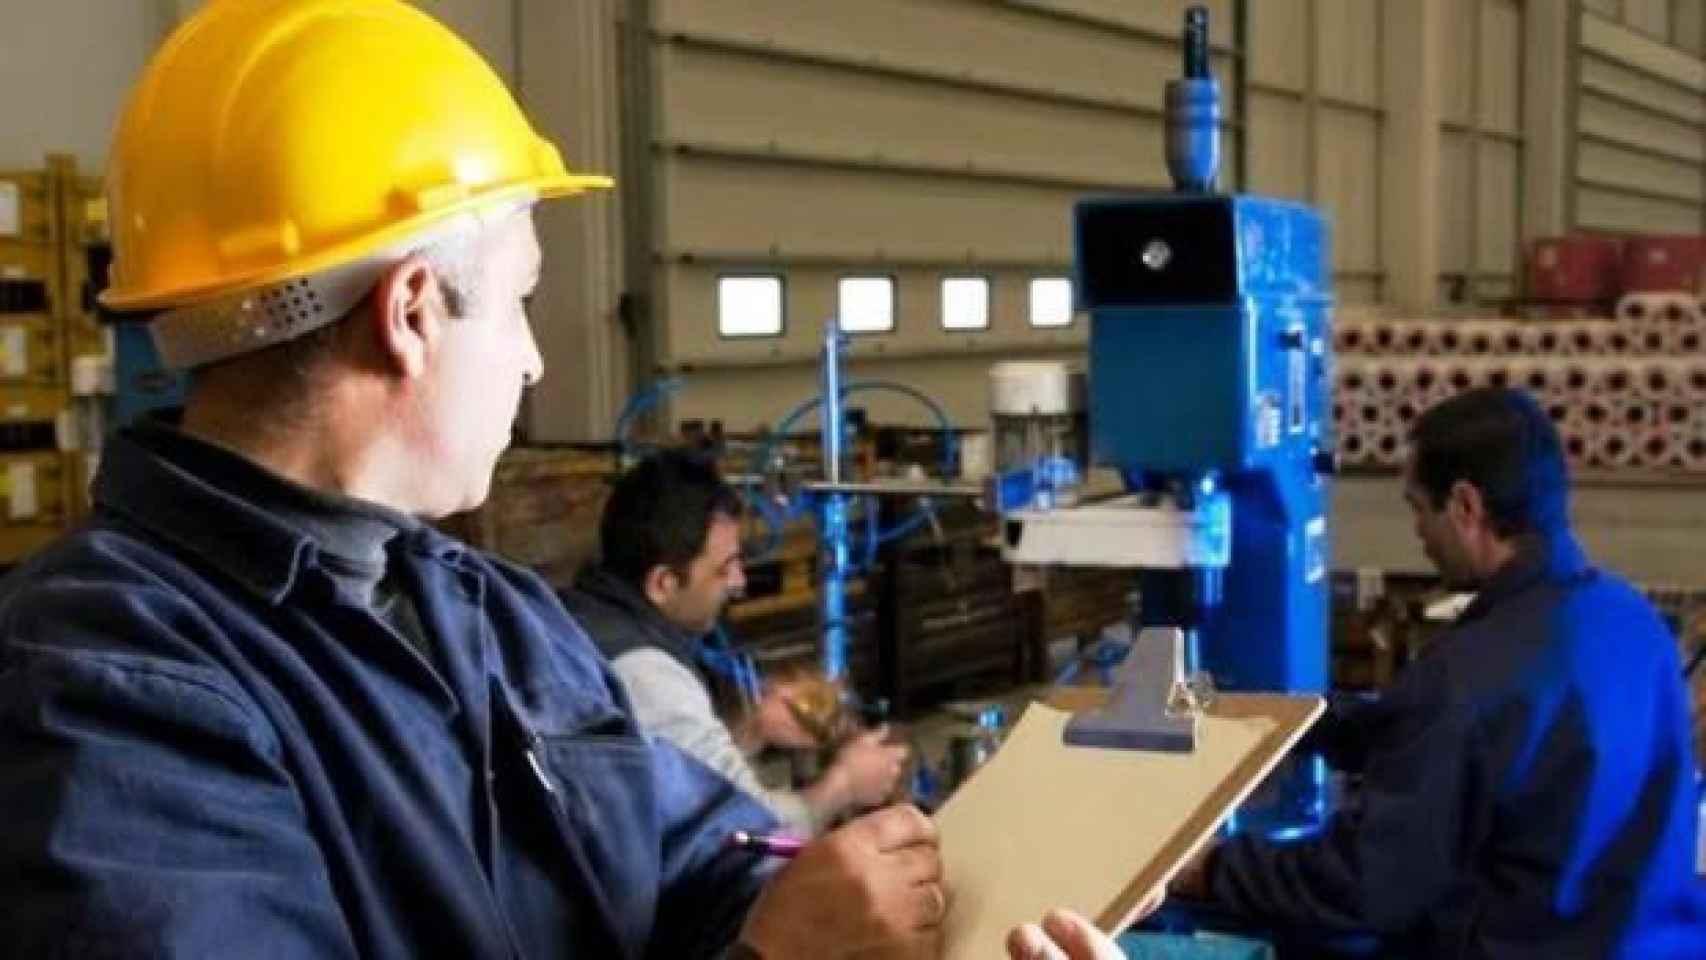 Un obrero en una fábrica en una imagen de archivo.